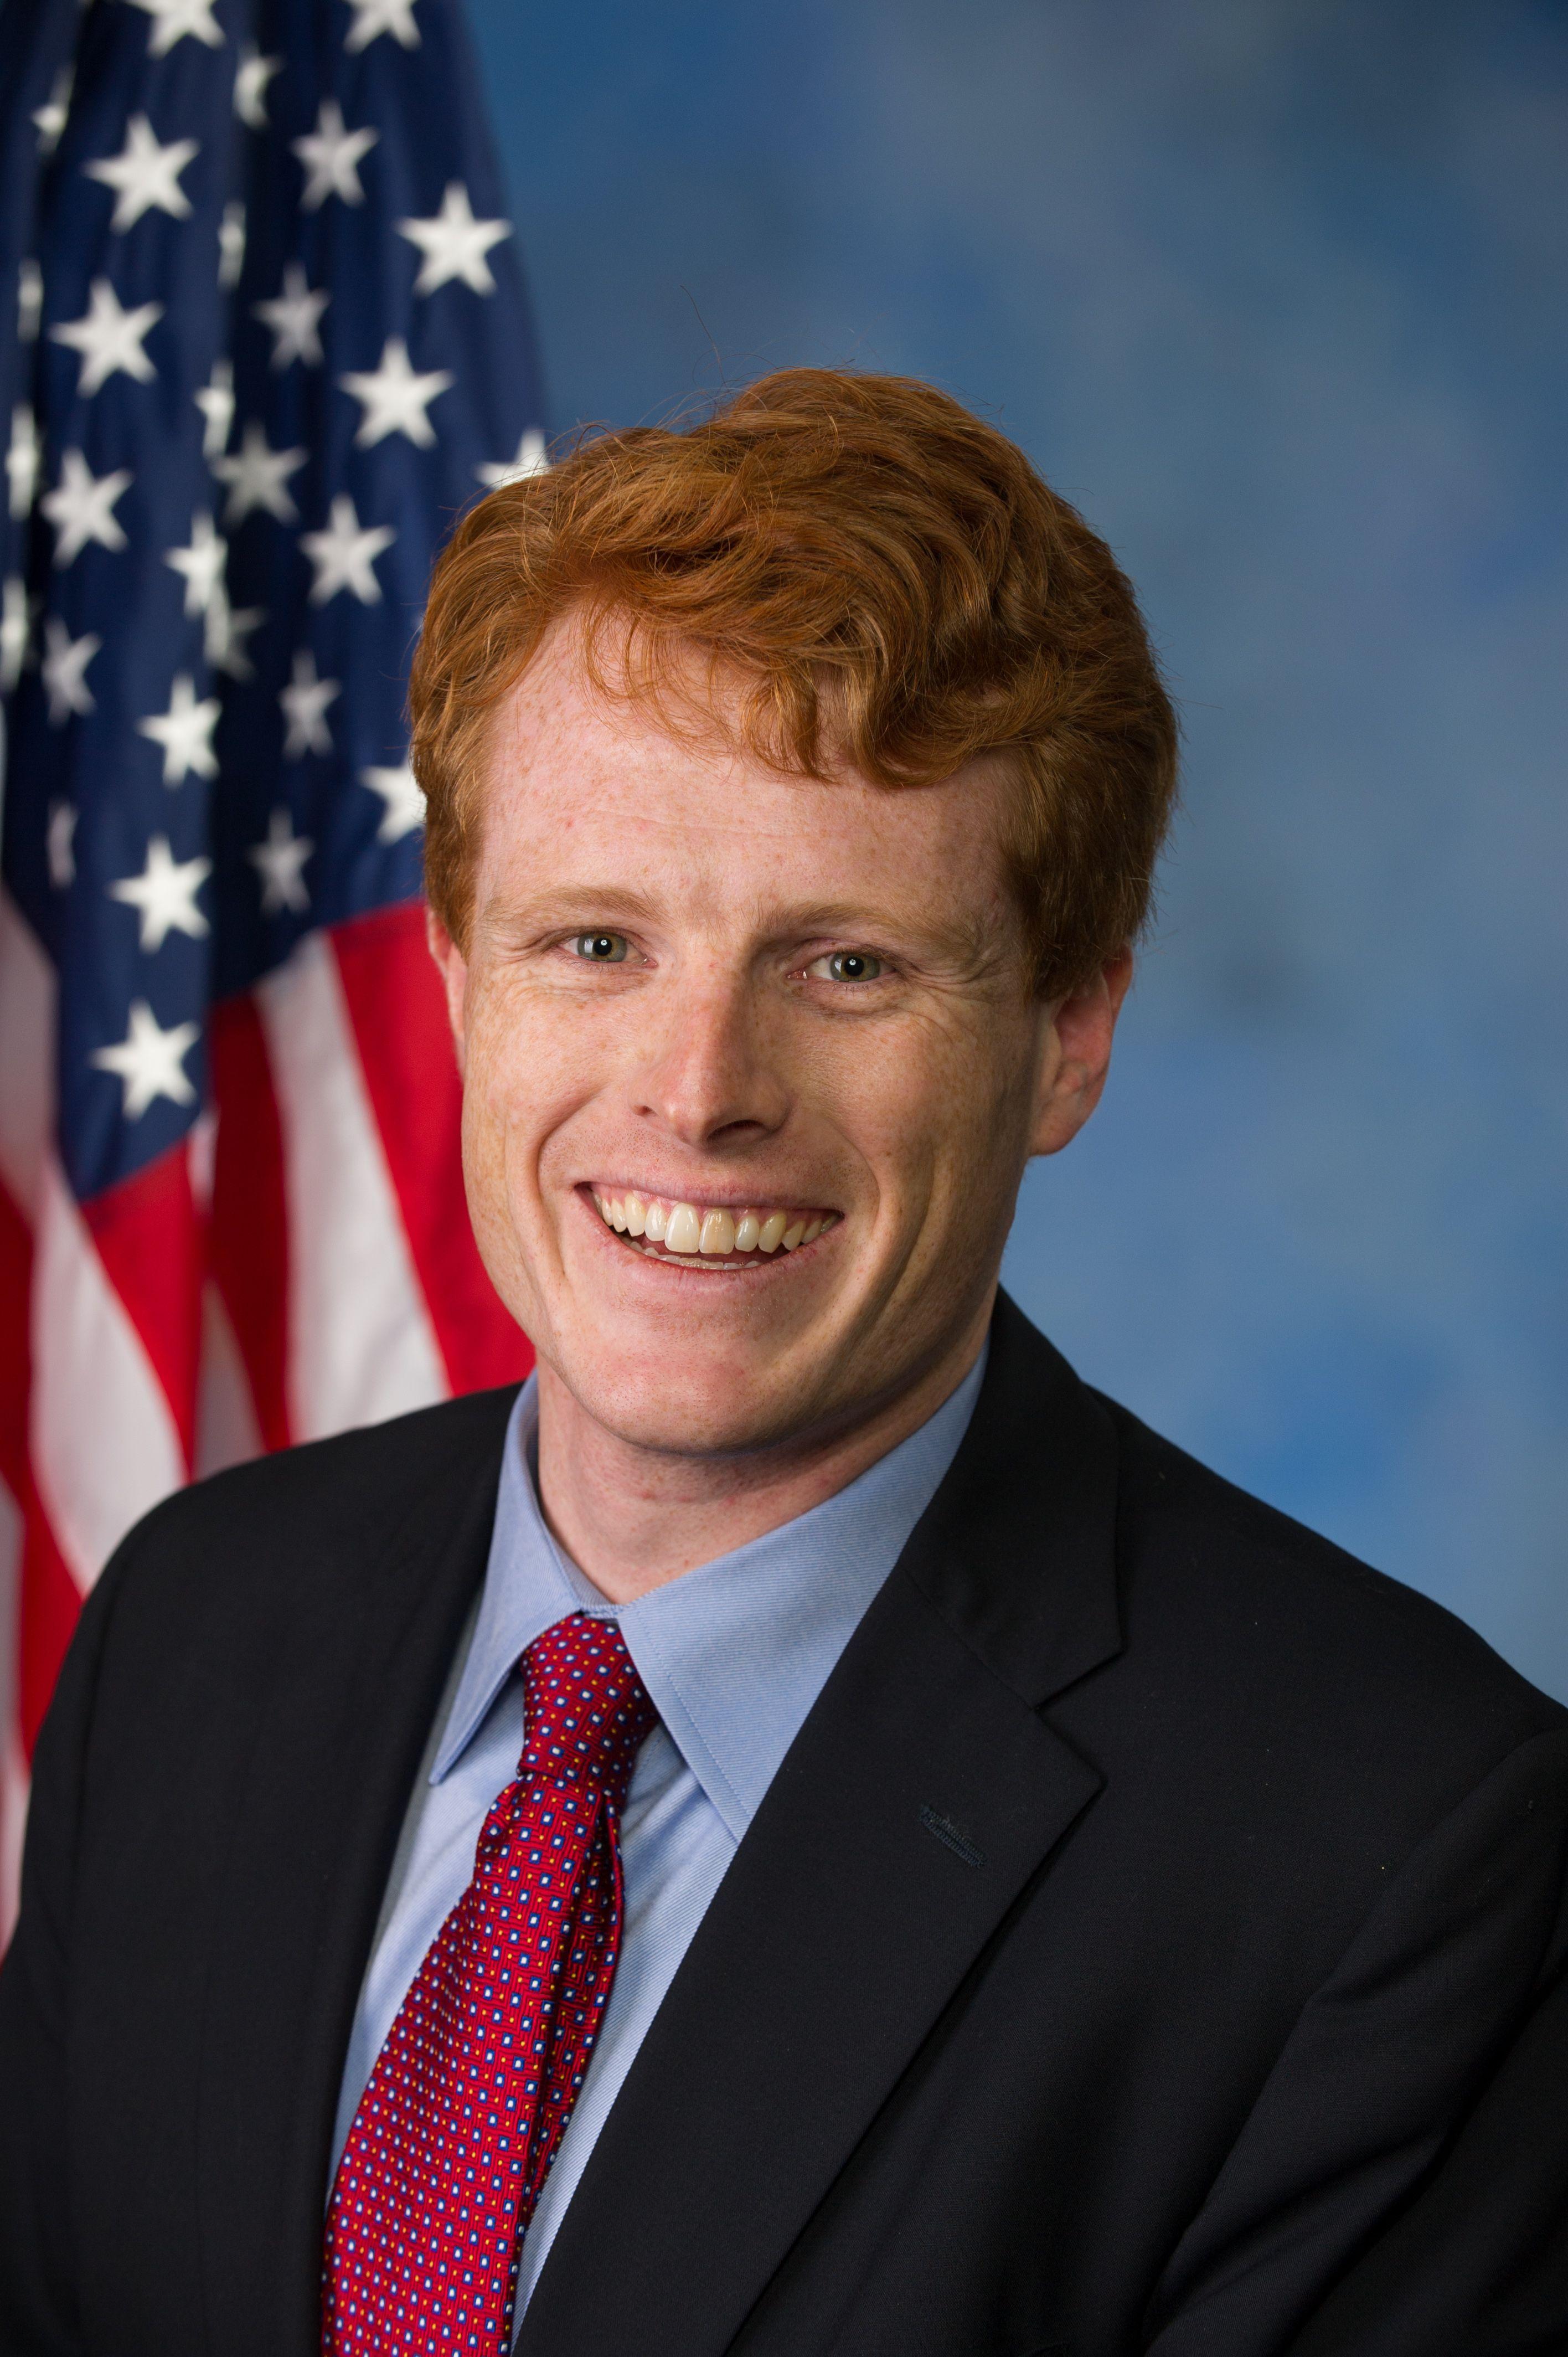 Joseph P Kennedy Iii Joe Kennedy Iii Kennedy Family Congressman Joe Kennedy